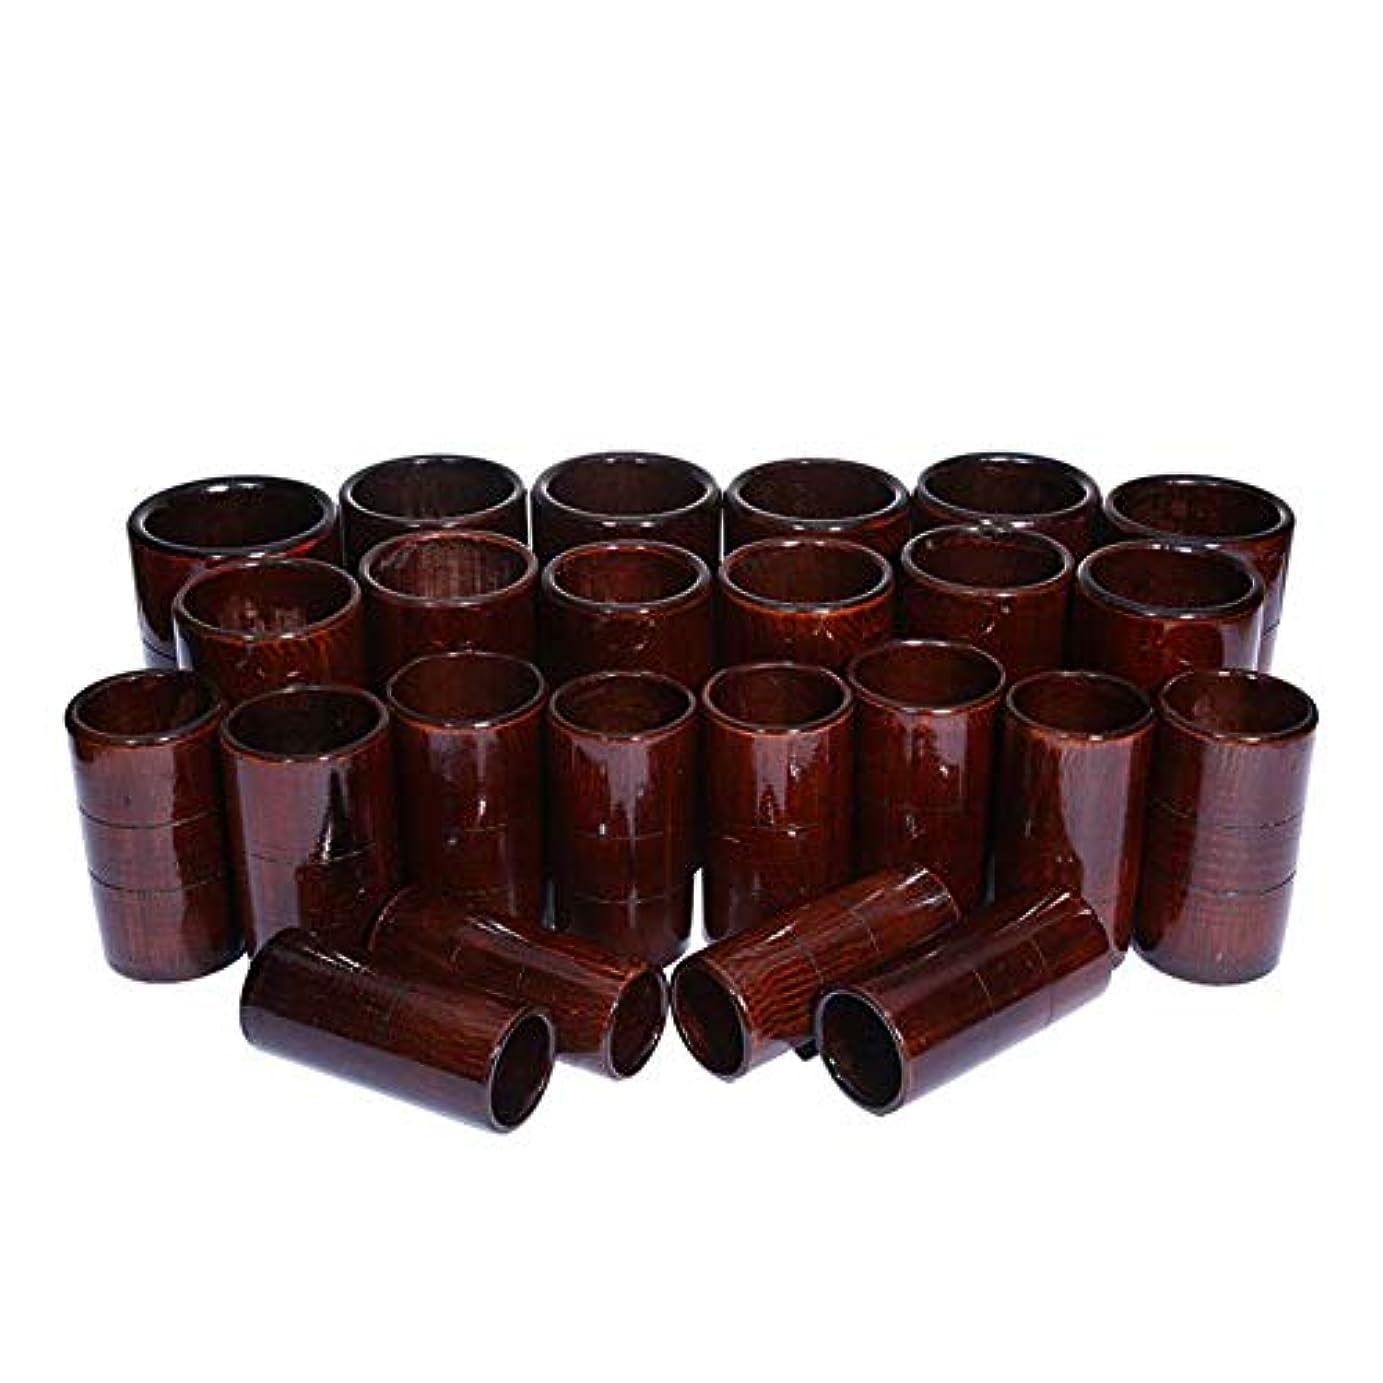 カッピング竹鍼治療セットマッサージバキュームカップキットチャコール缶ボディ医療サクションセット,A10pcs